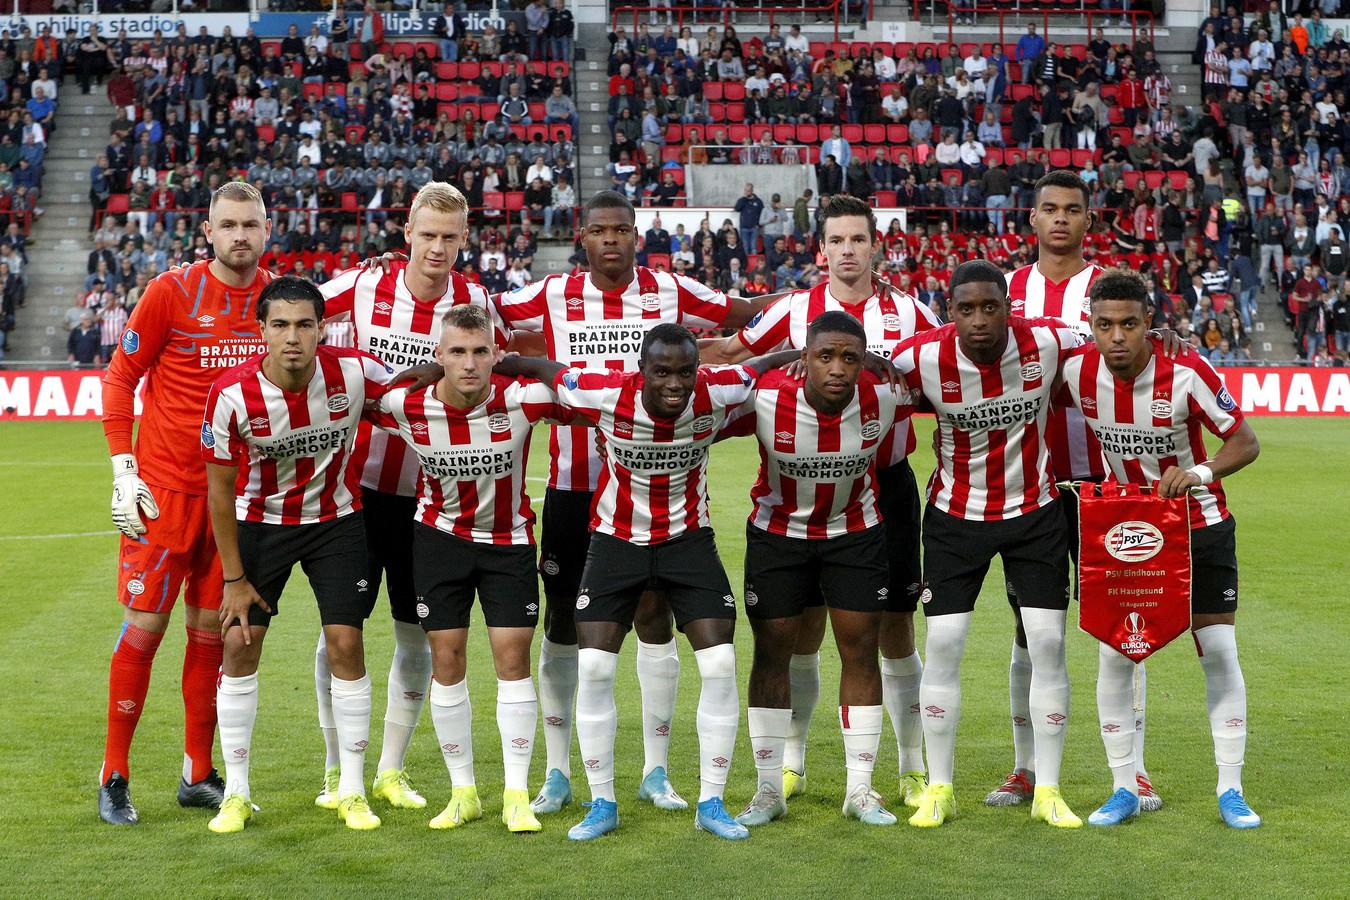 PSV voor de aftrap met FK Haugesund, een duel dat voor het publiek teleurstellend verliep maar de ploeg wel naar de volgende ronde bracht.